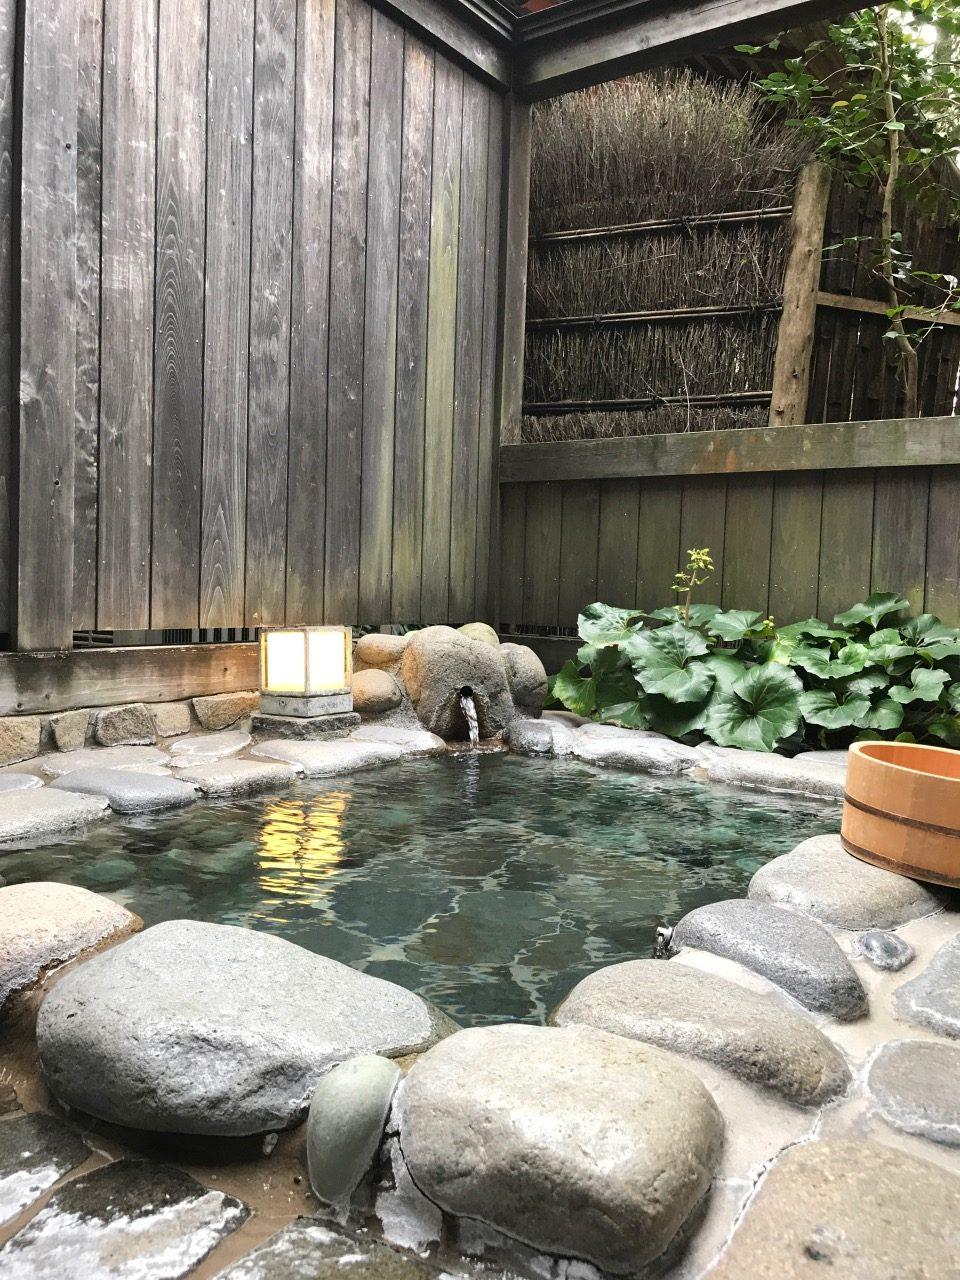 很舒服的私人露天風呂温泉,起床時浸一浸,特別醒神!